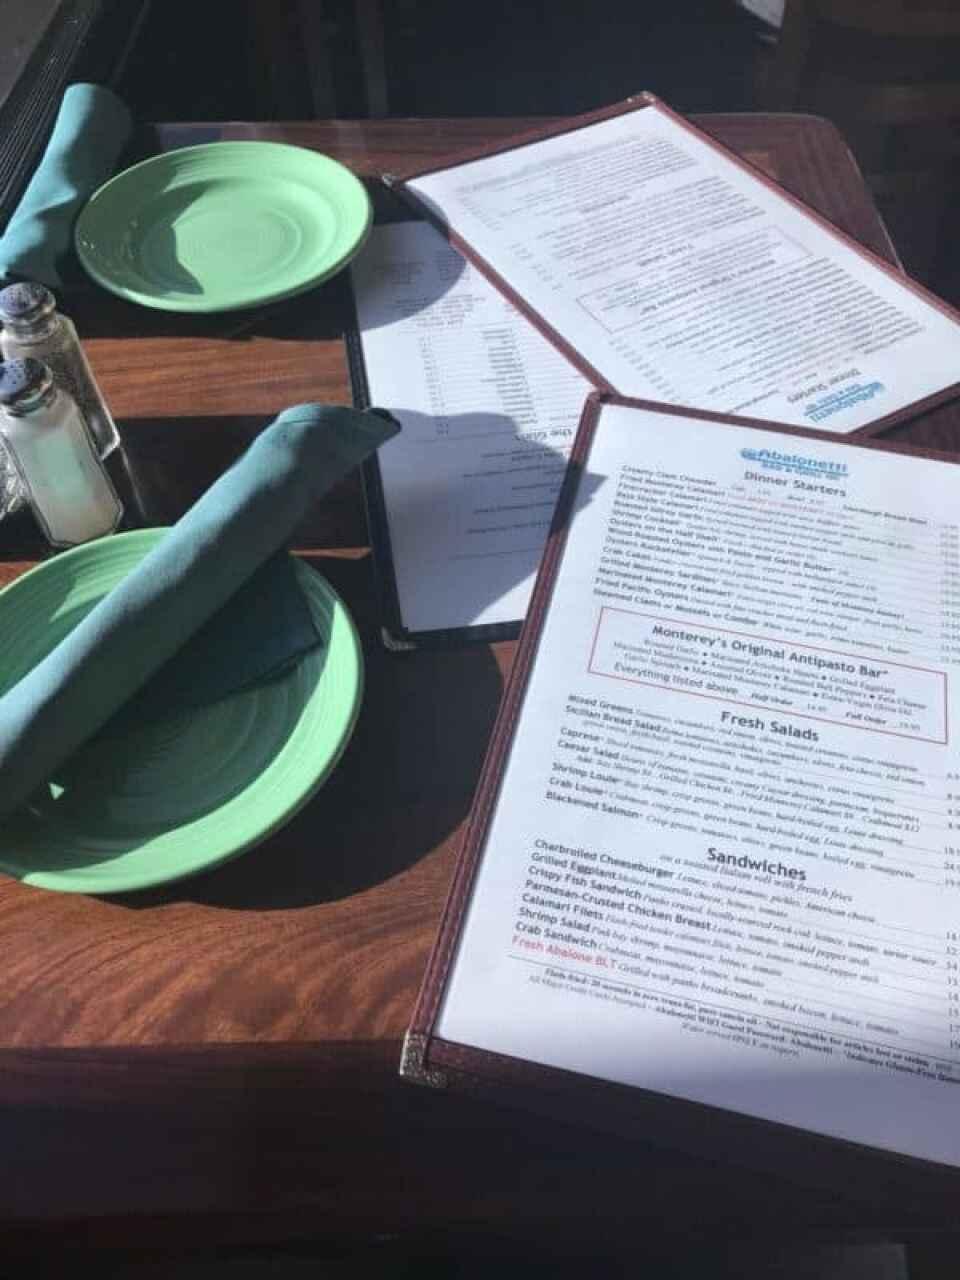 abalonetti bar and grill menu